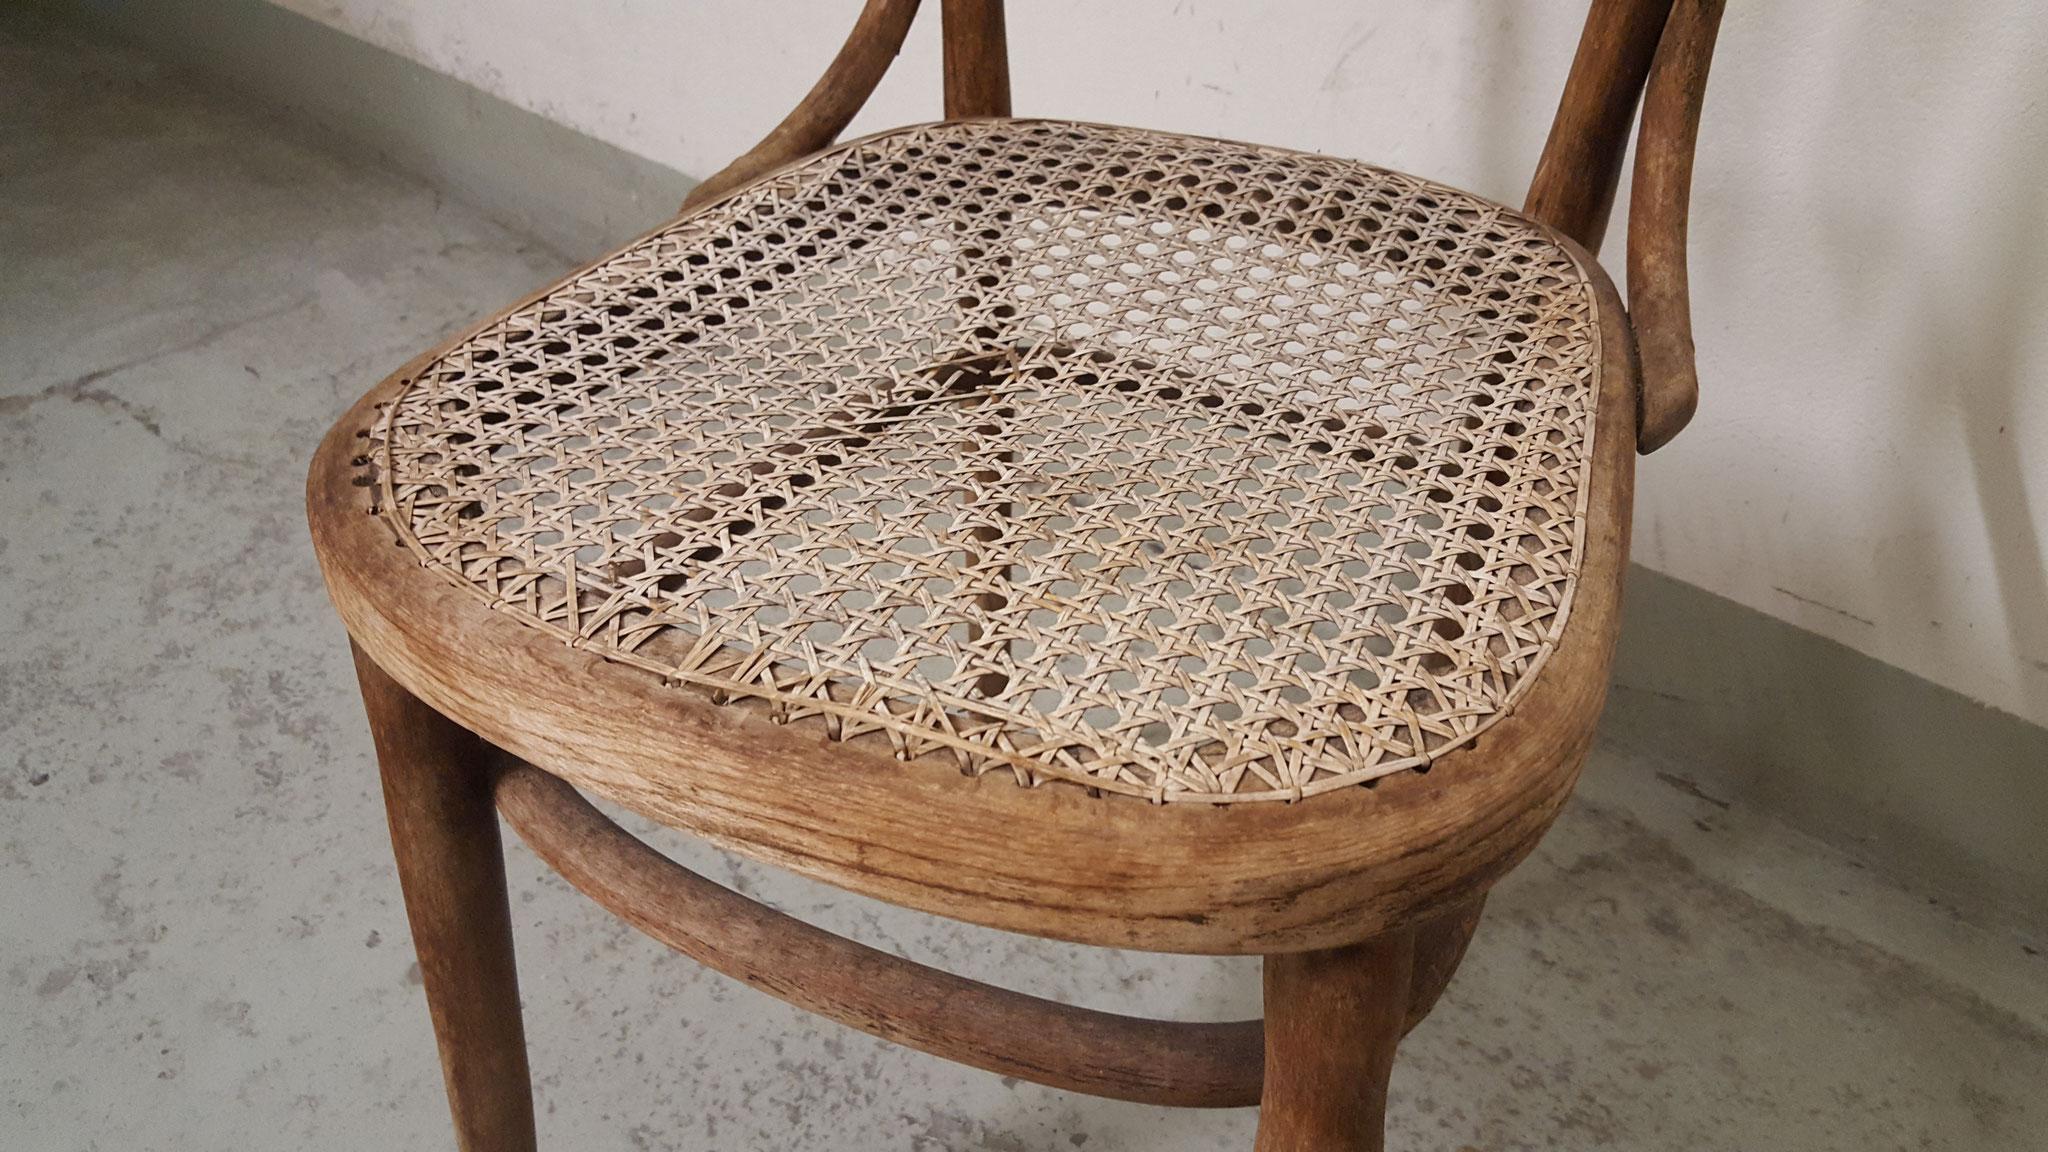 Bugholzstuhl sehr gebraucht, restaurieren